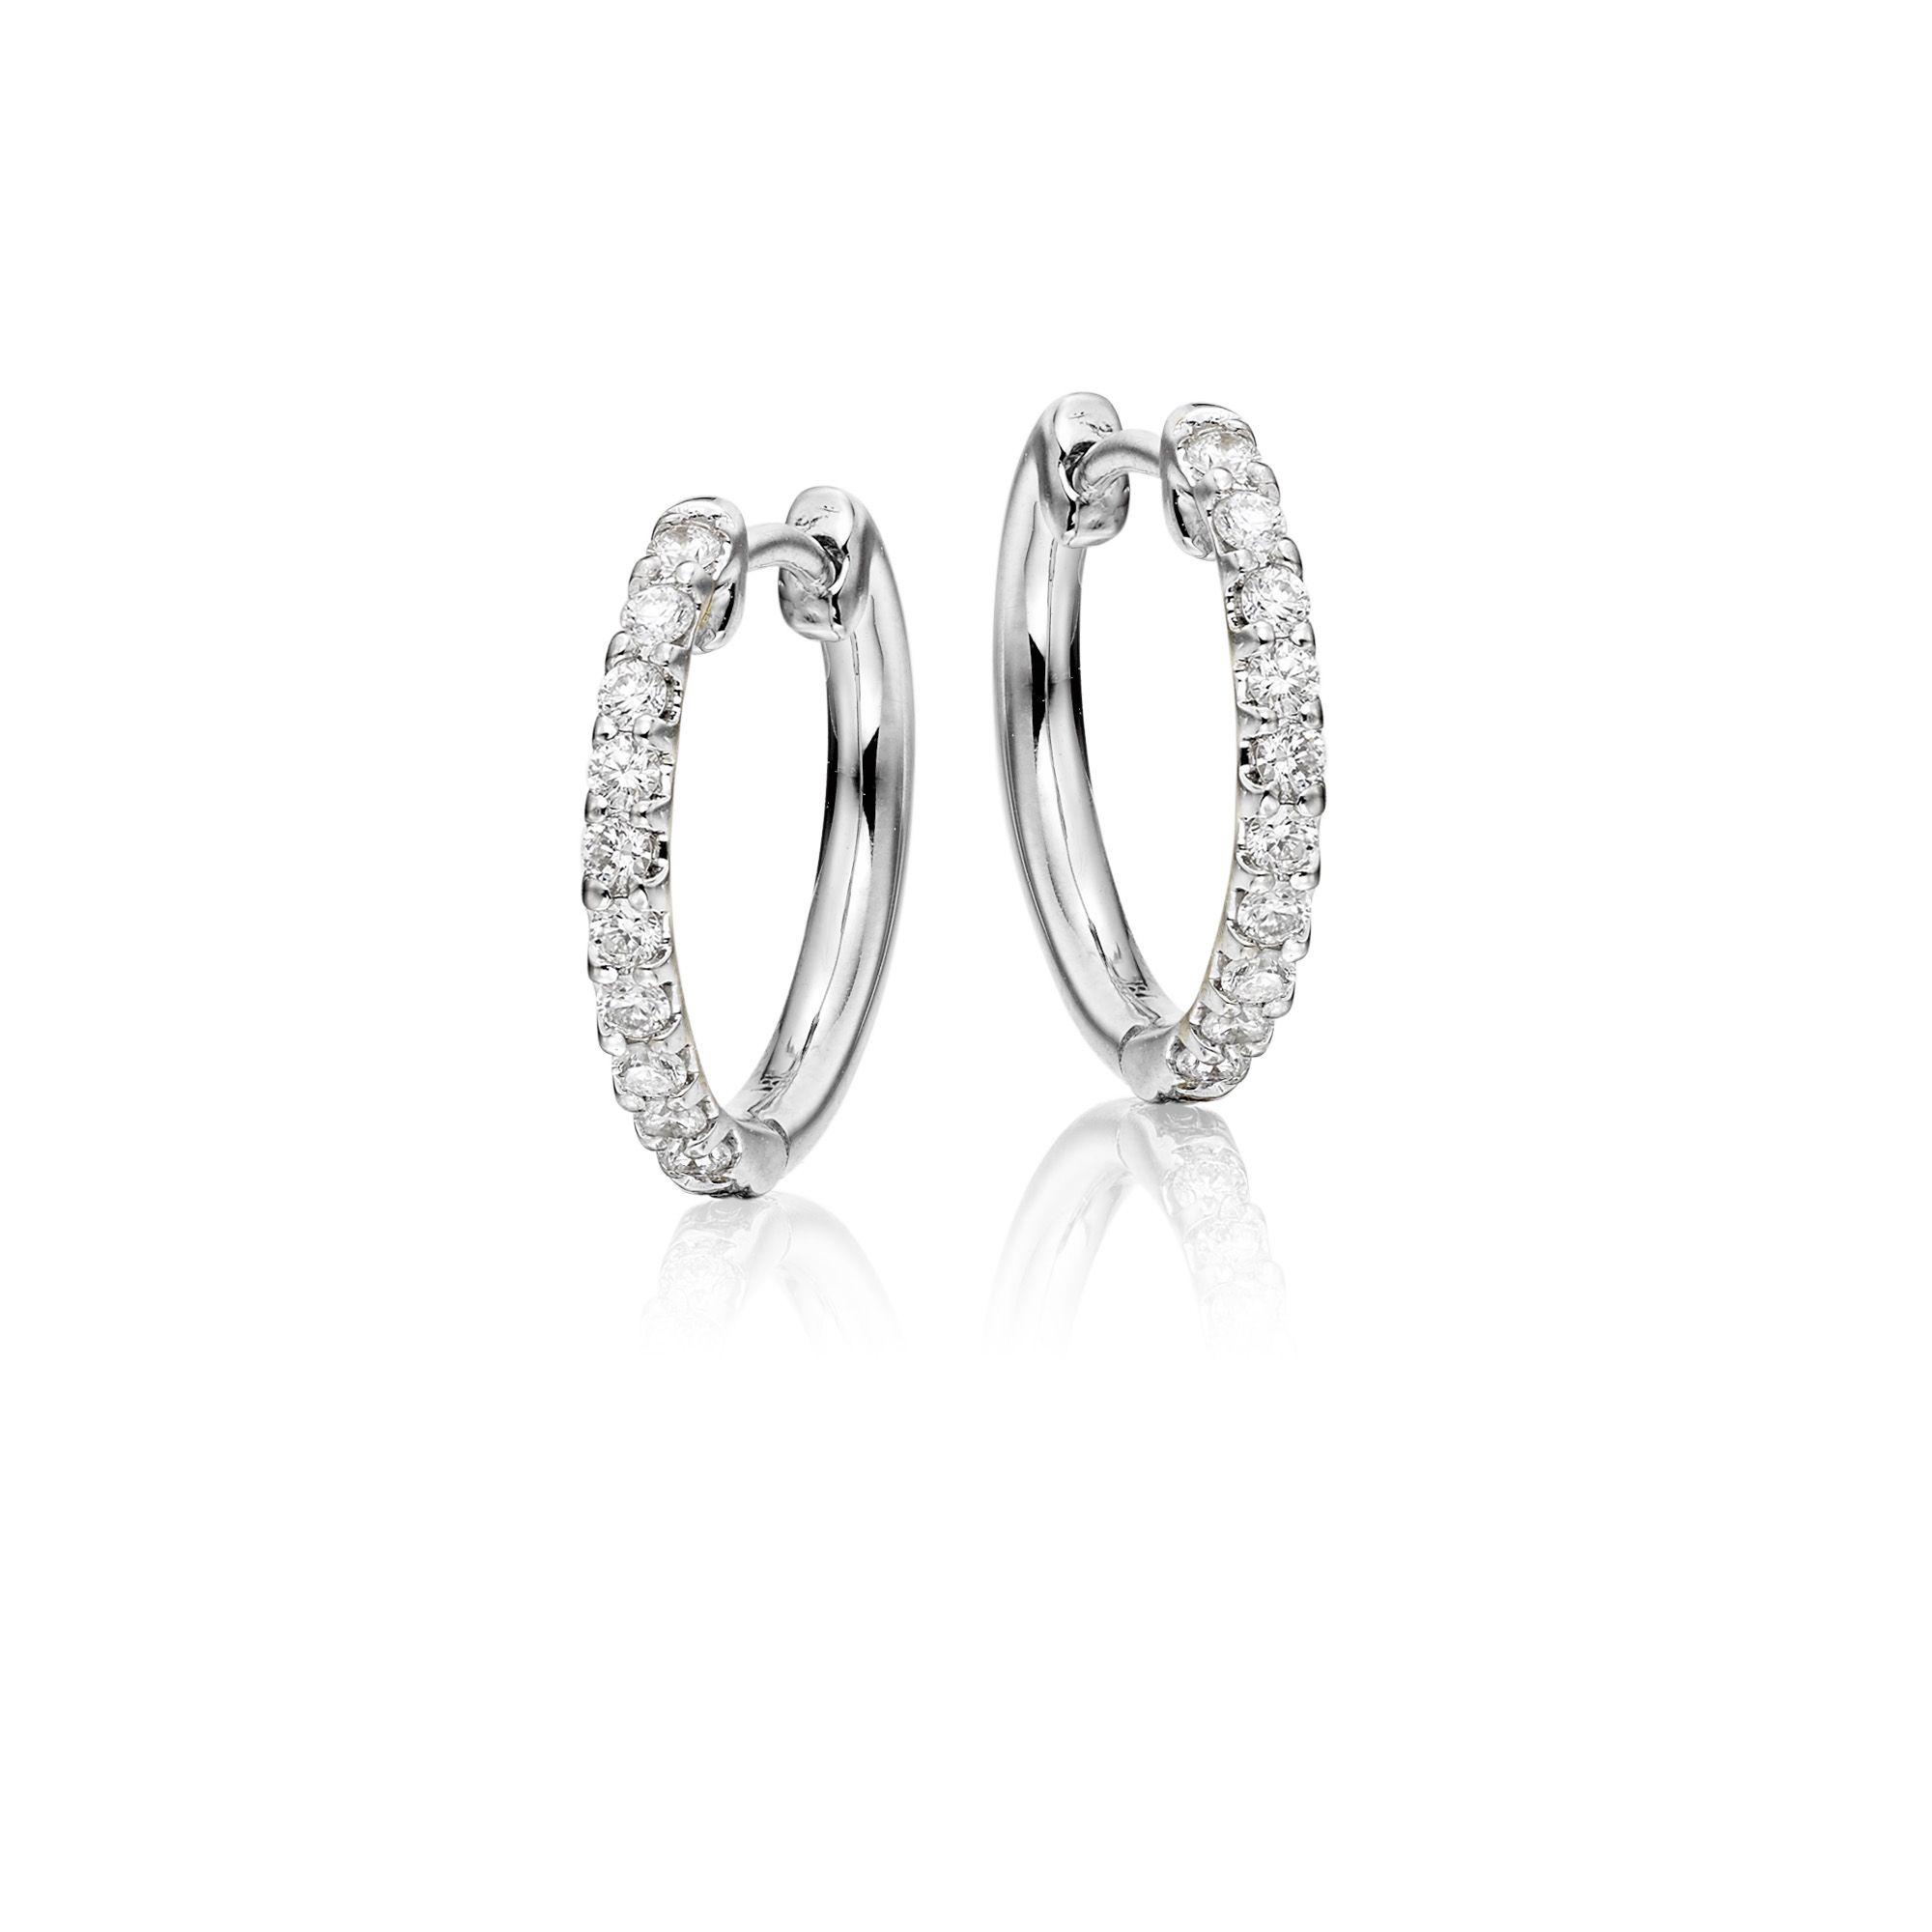 Single Diamond Hoop Earring Precious Jewelry Hoop Stud Earrings At